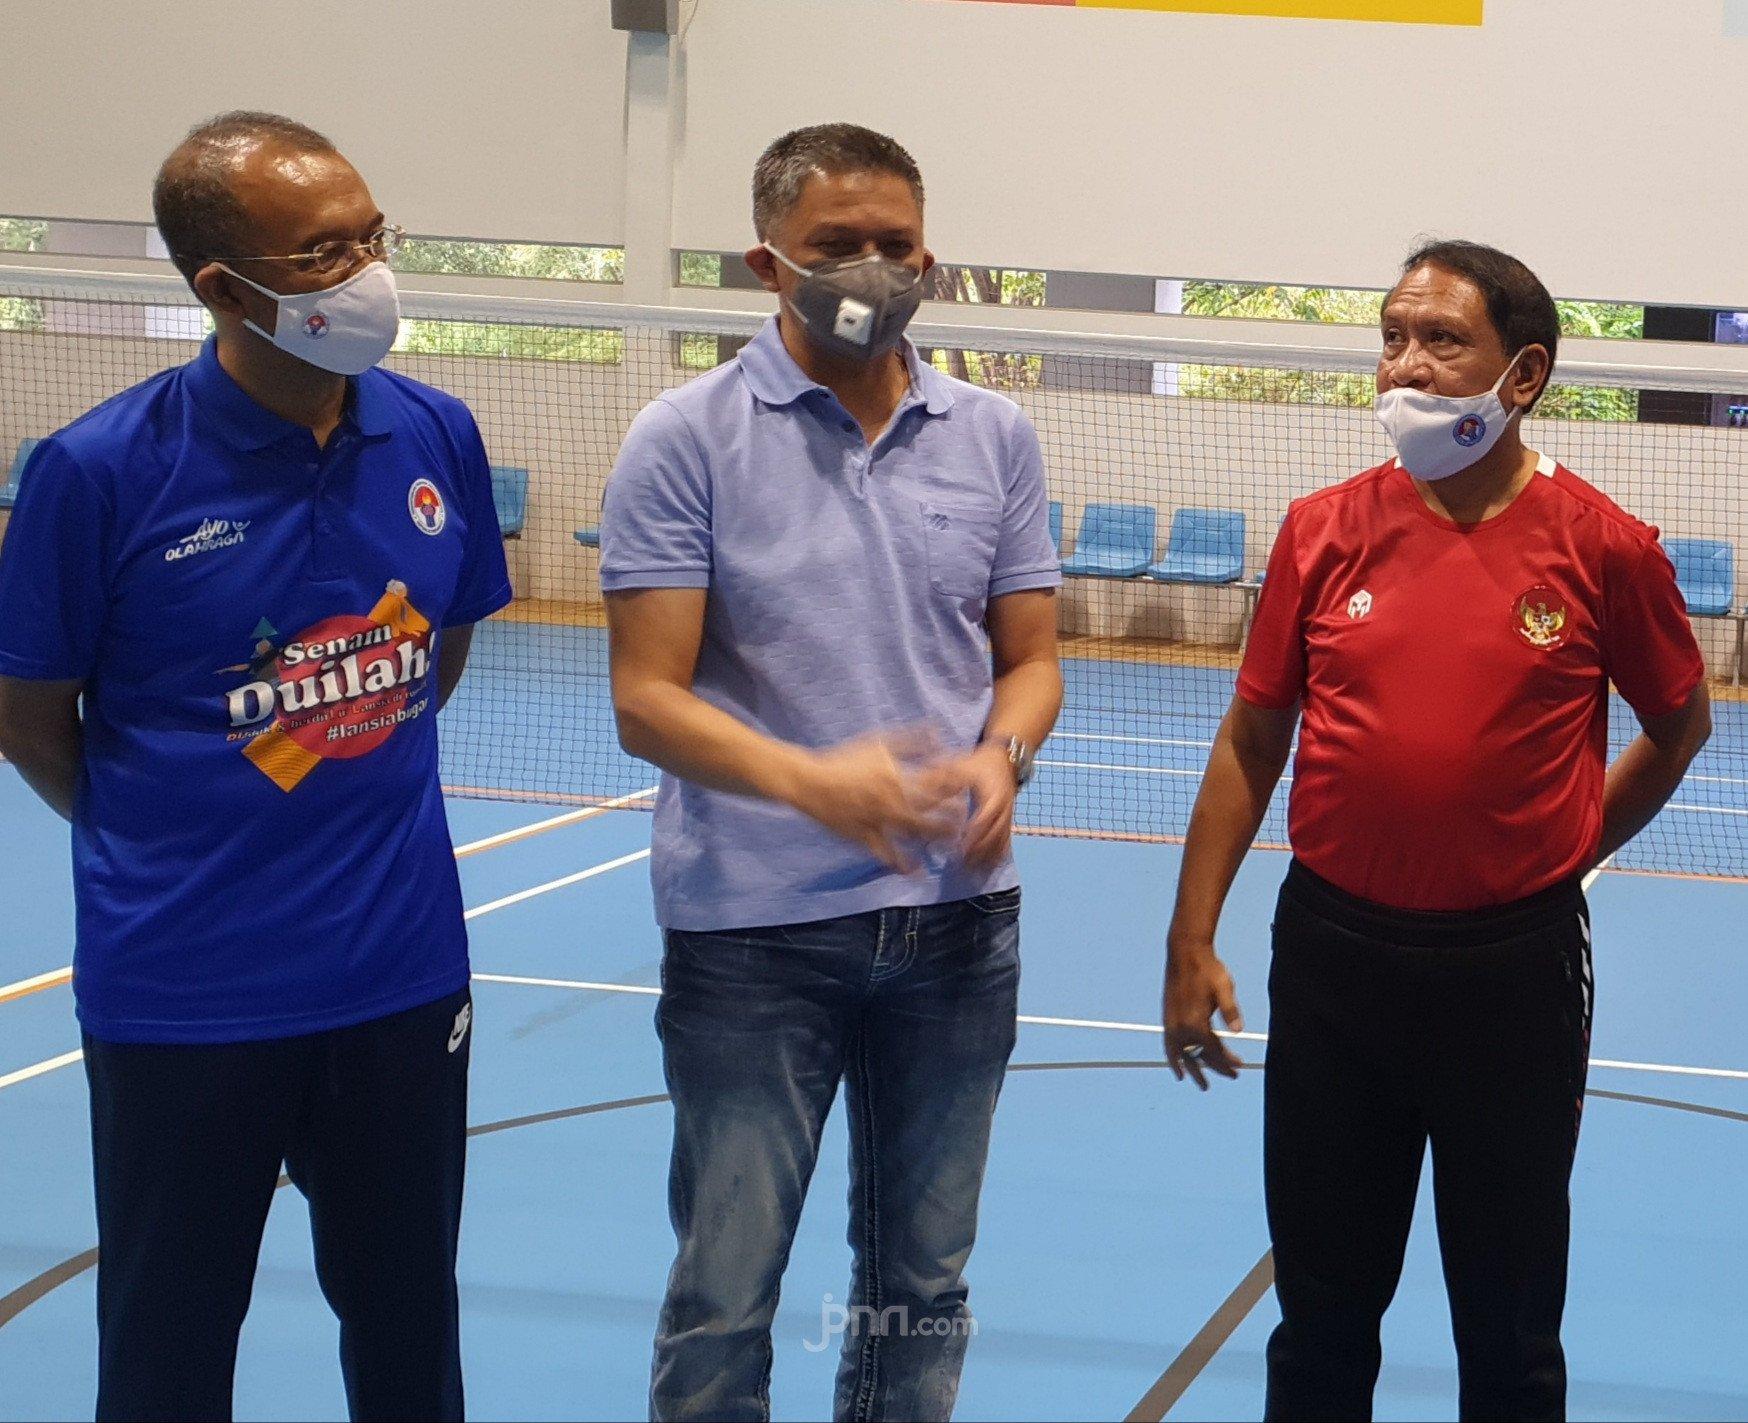 Ada 178 Nama Awak Timnas Sepak Bola Indonesia Bakal Divaksin, Siapa Saja? - JPNN.com